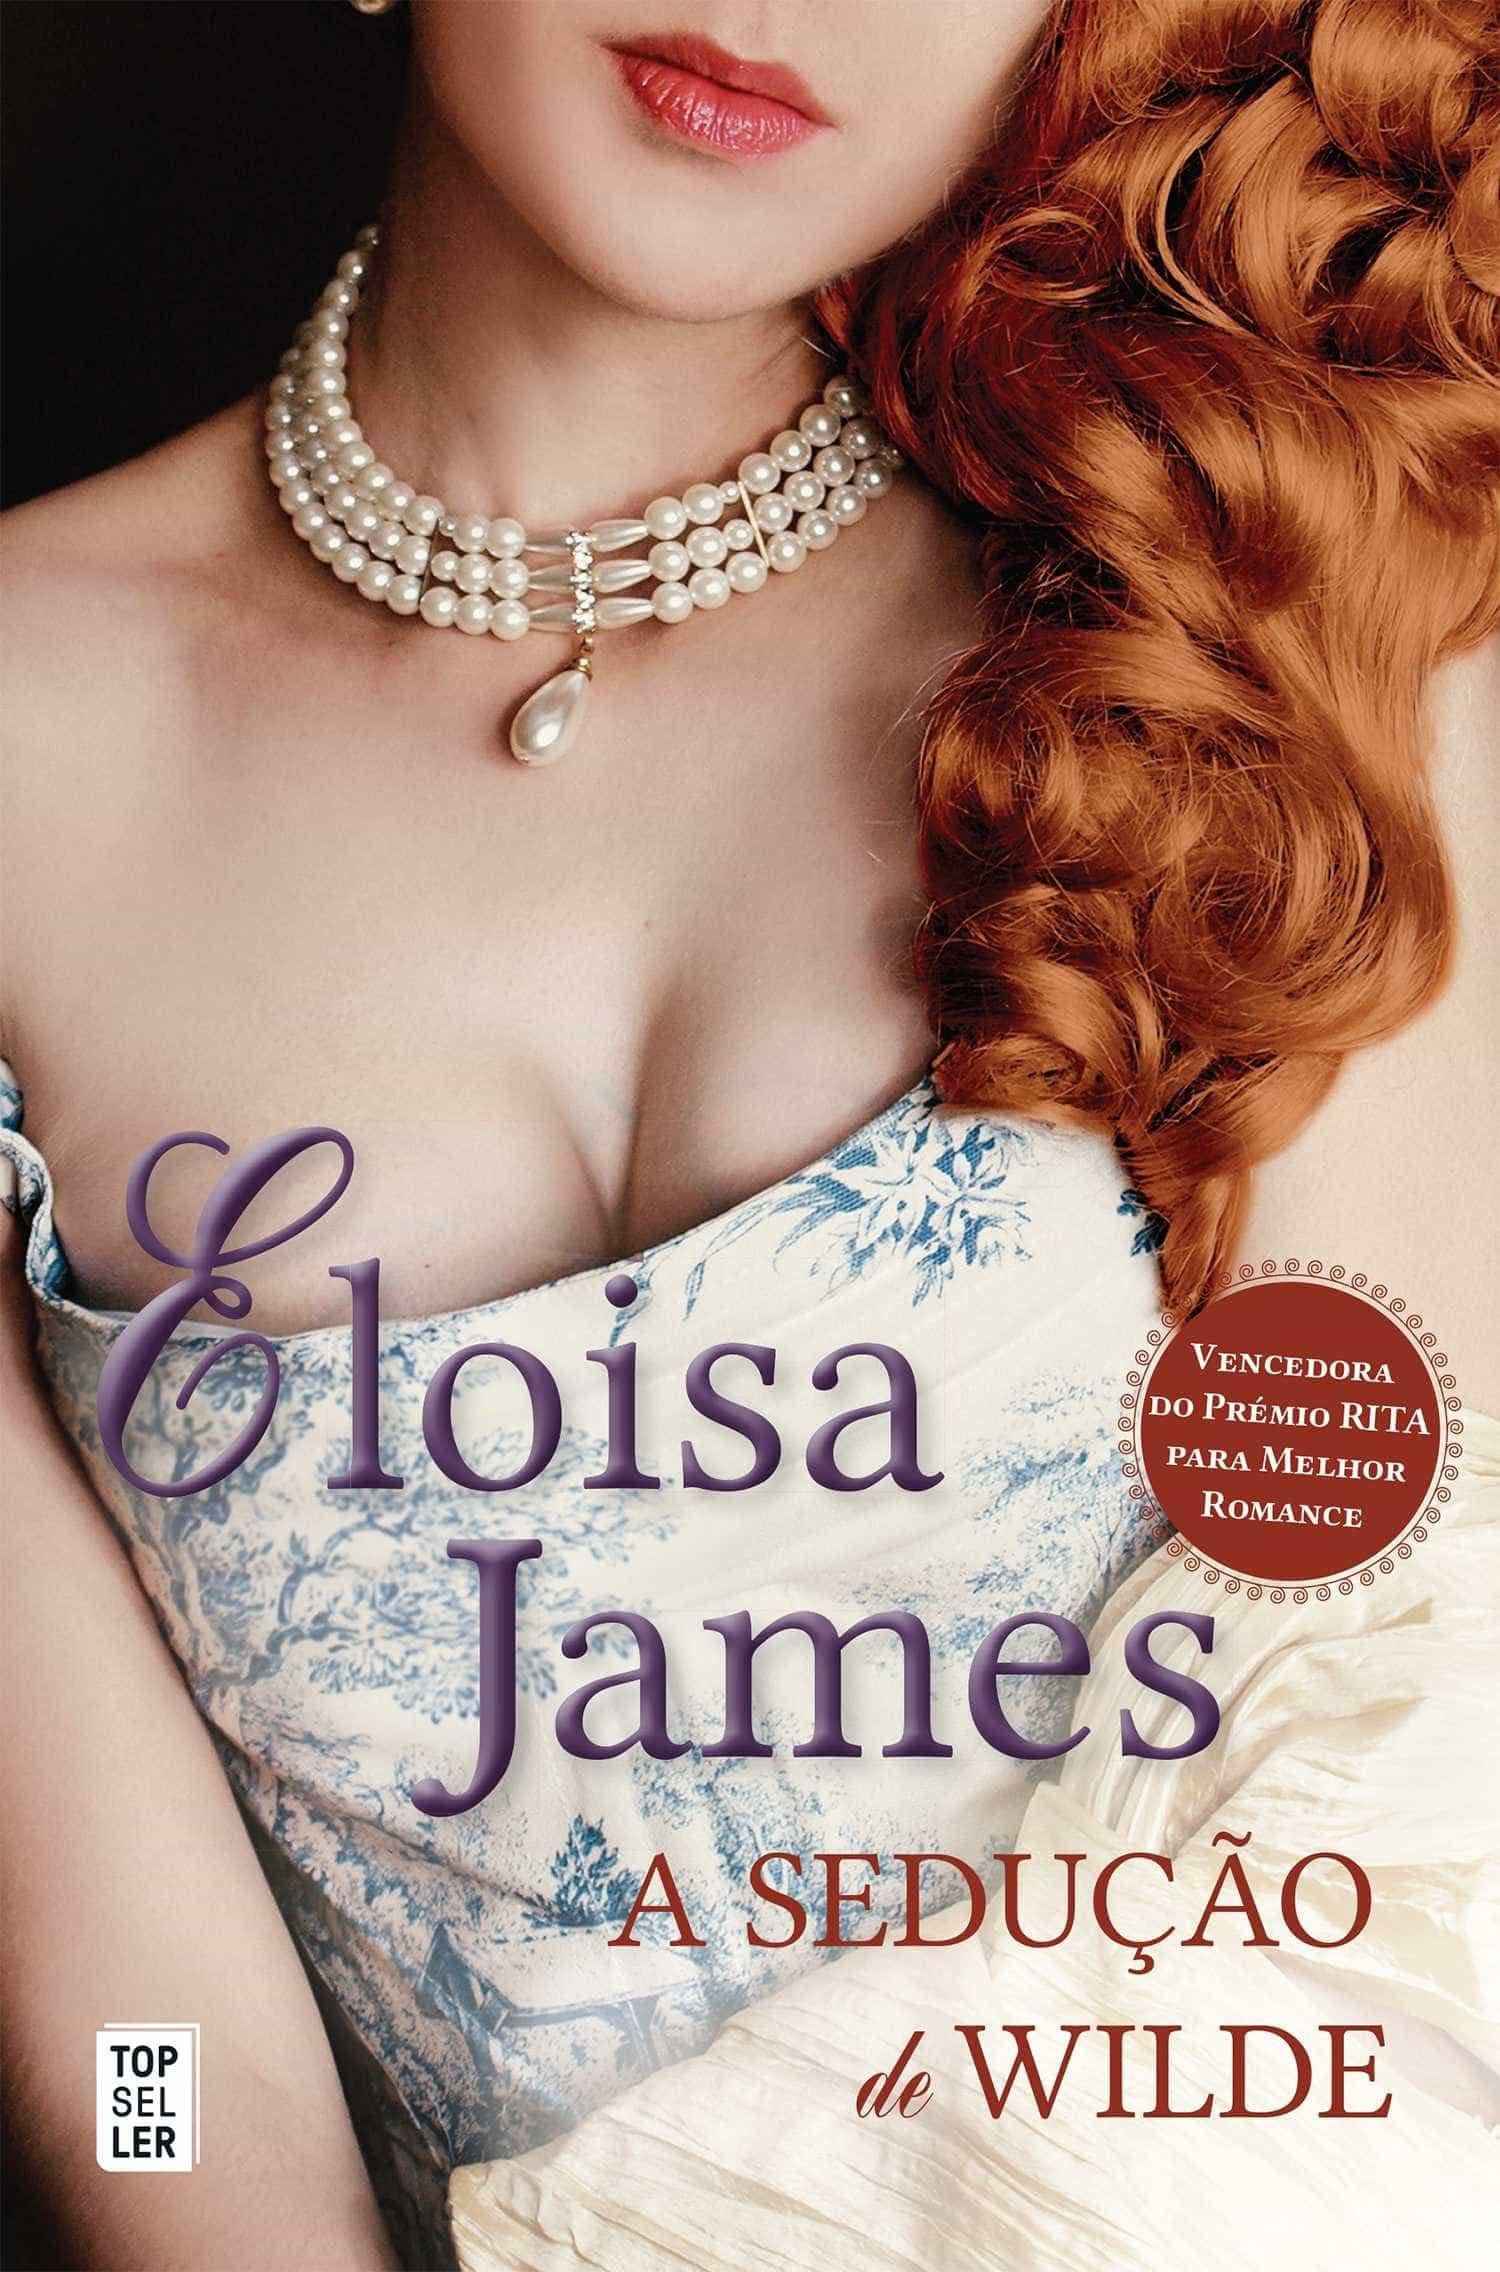 """""""Sensualidade"""" e """"humor"""" no novo romance da bestseller Eloisa James"""